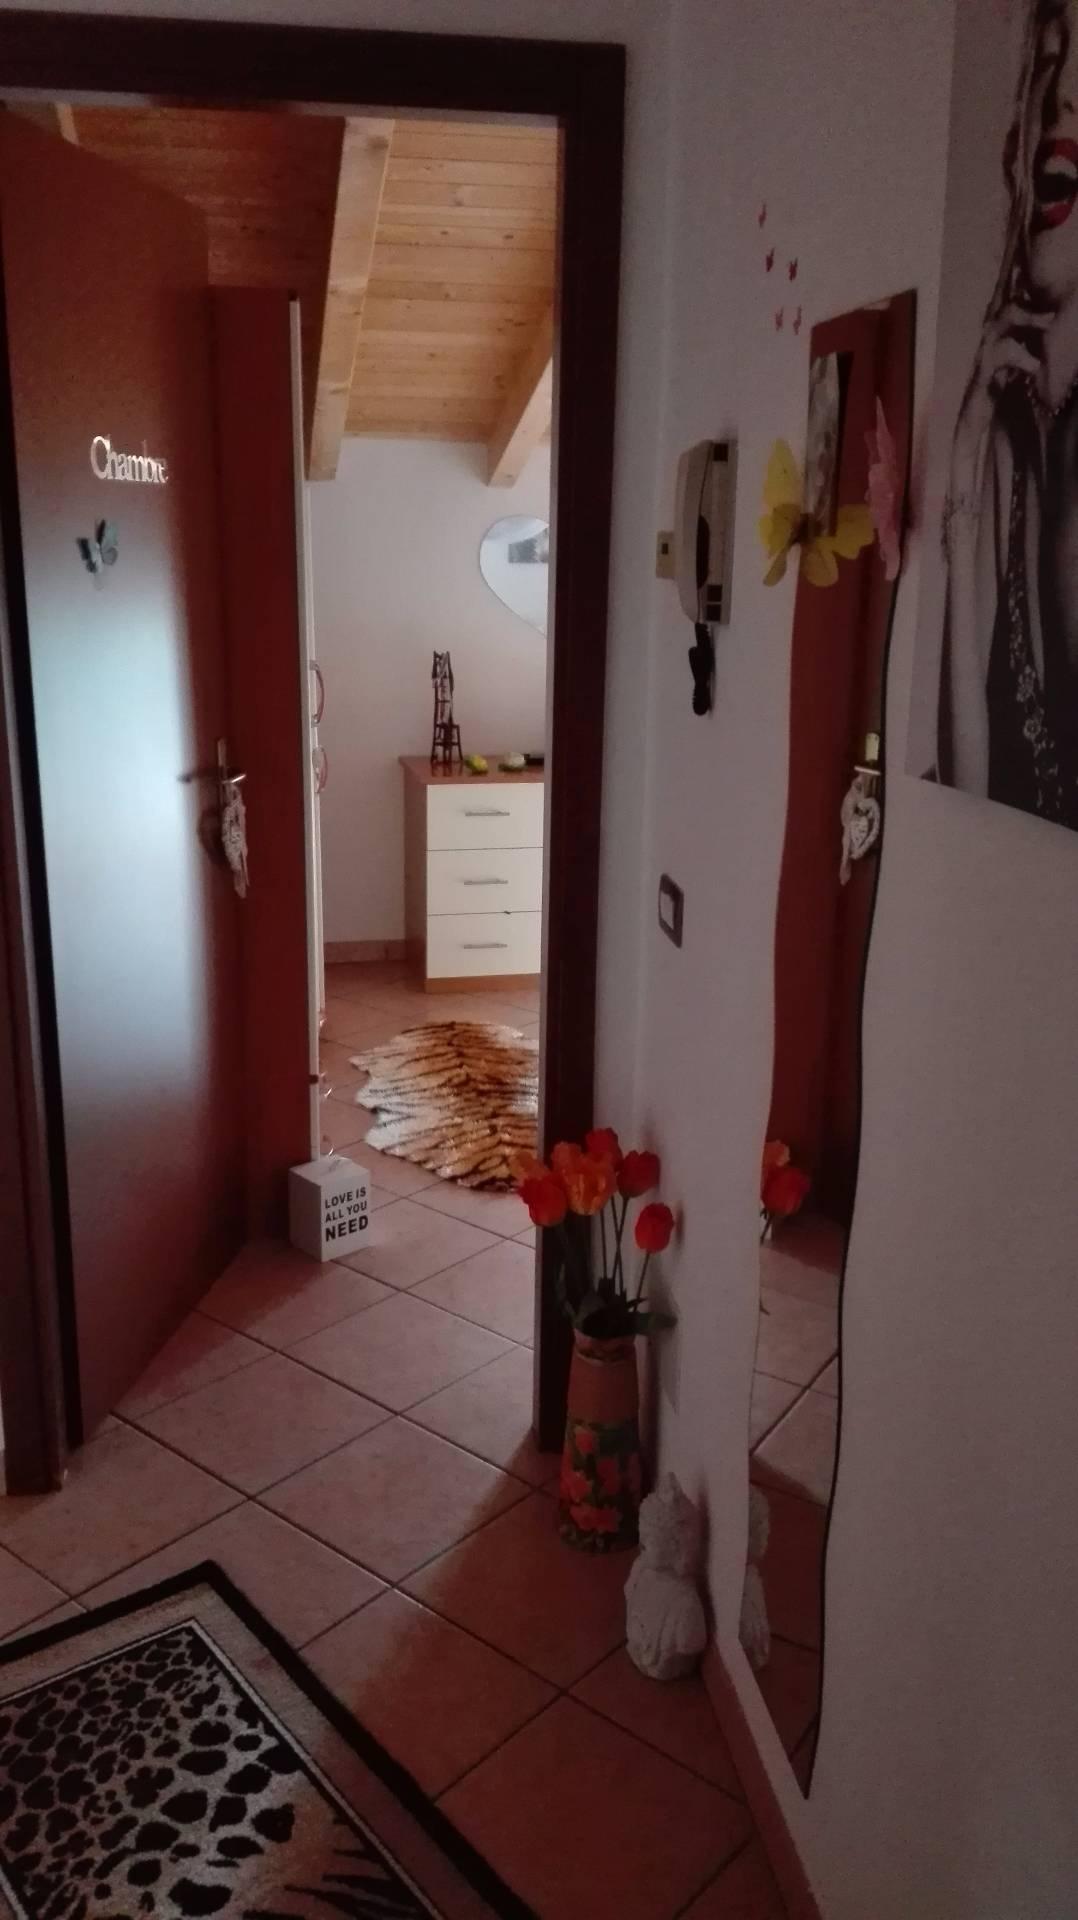 Attico / Mansarda in affitto a Cuasso al Monte, 3 locali, zona Località: CuassoalPiano, prezzo € 600 | Cambio Casa.it